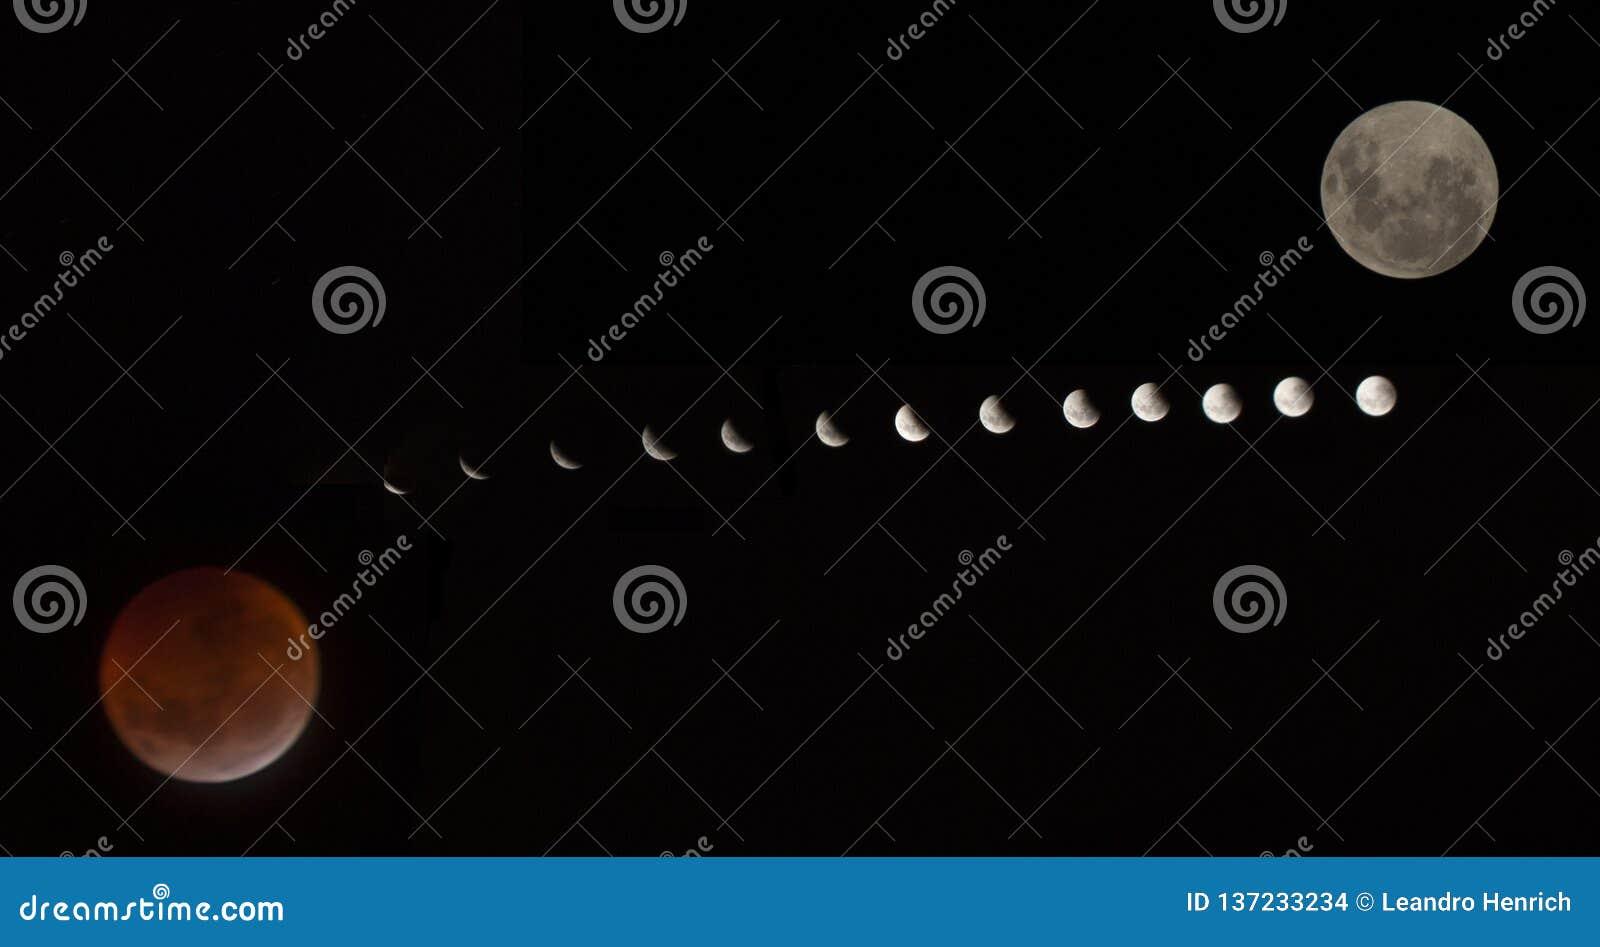 Lune ensanglantée : Toute l éclipse lunaire de 2019